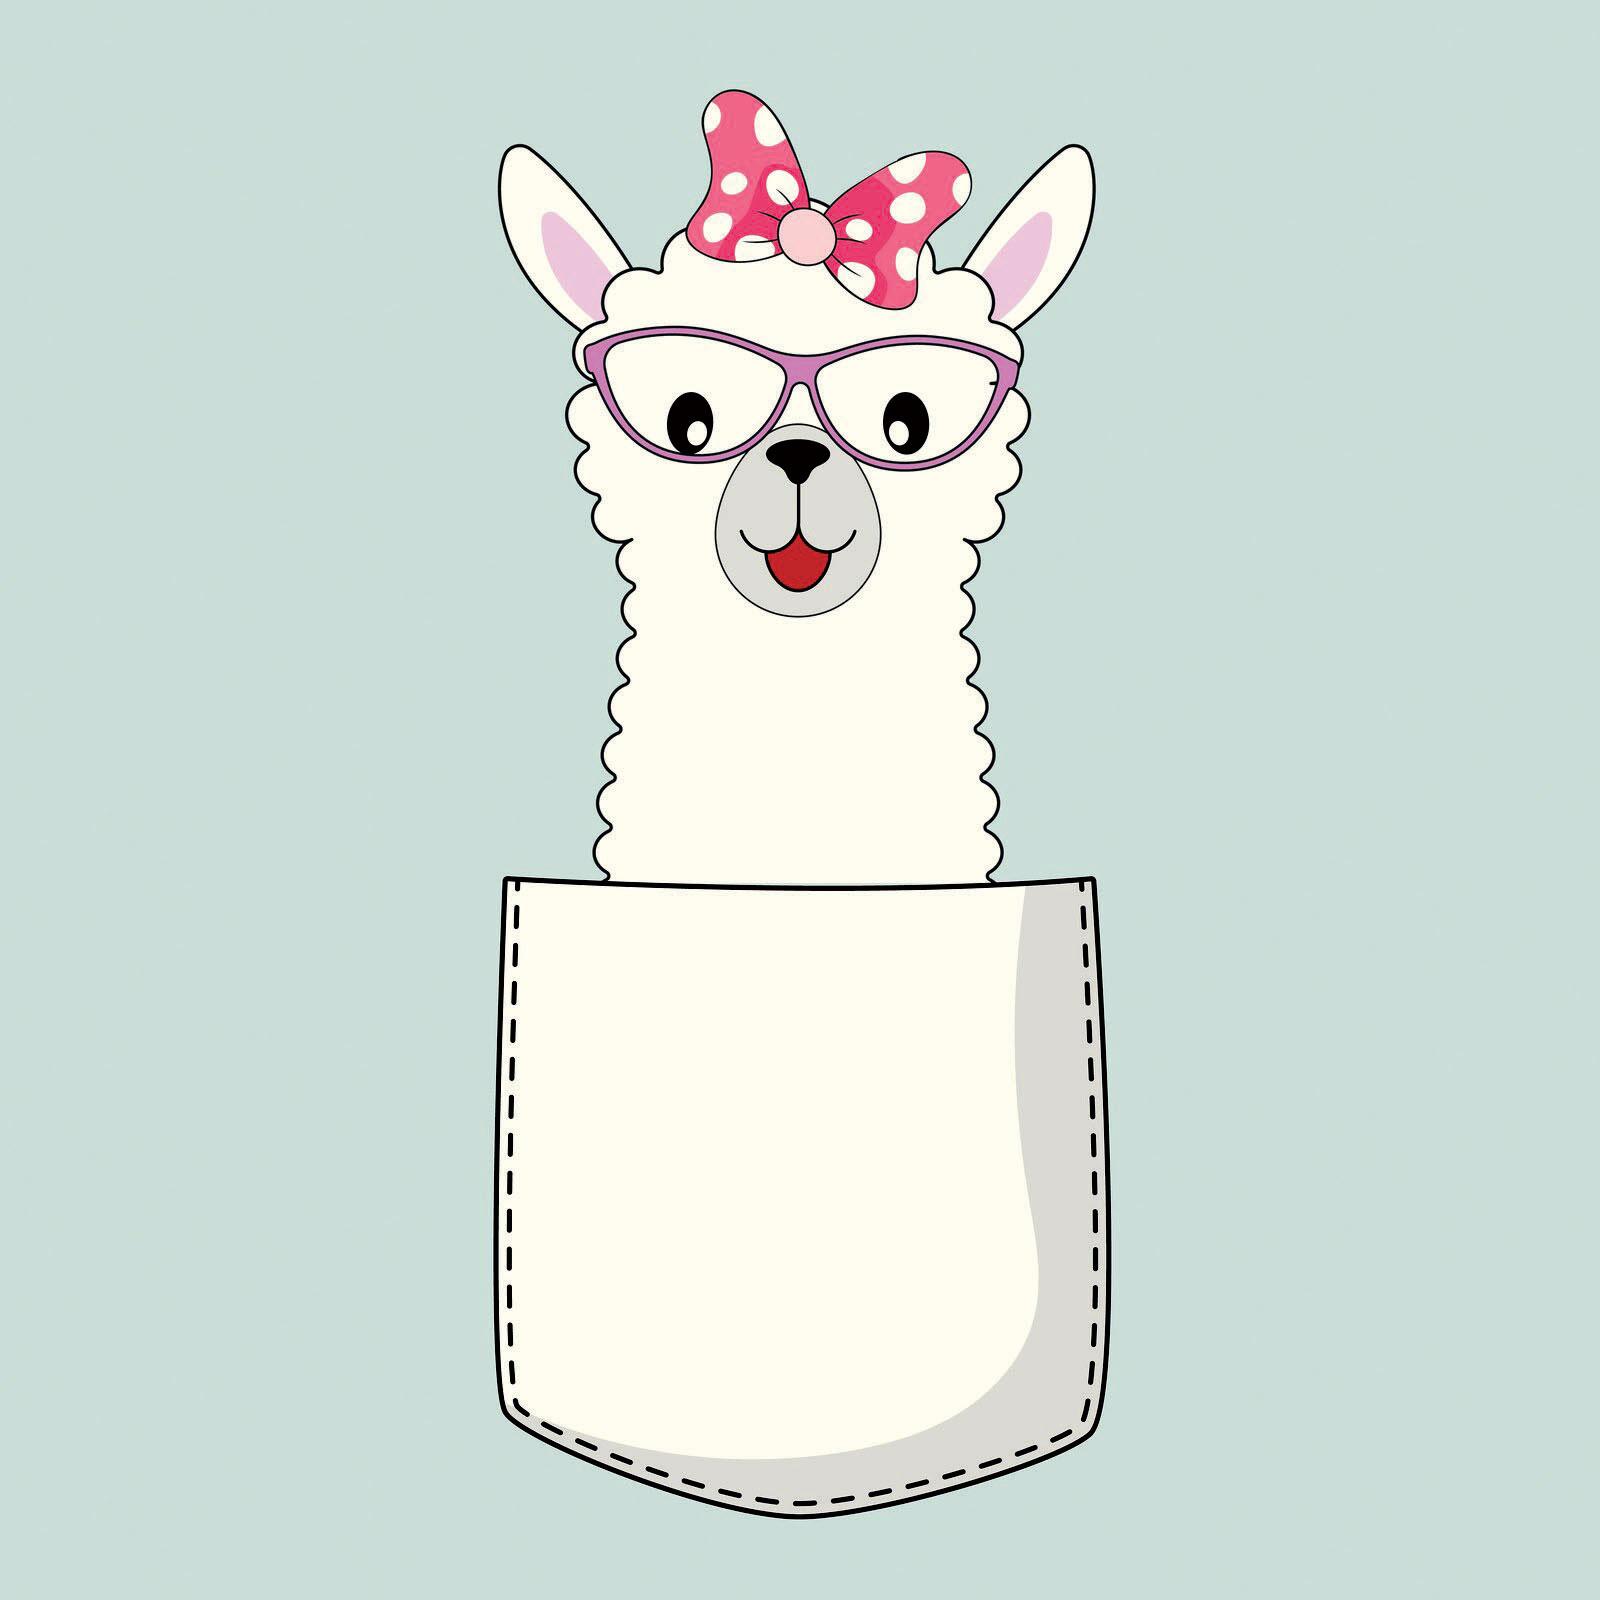 cartoon of a lama sitting in a pocket